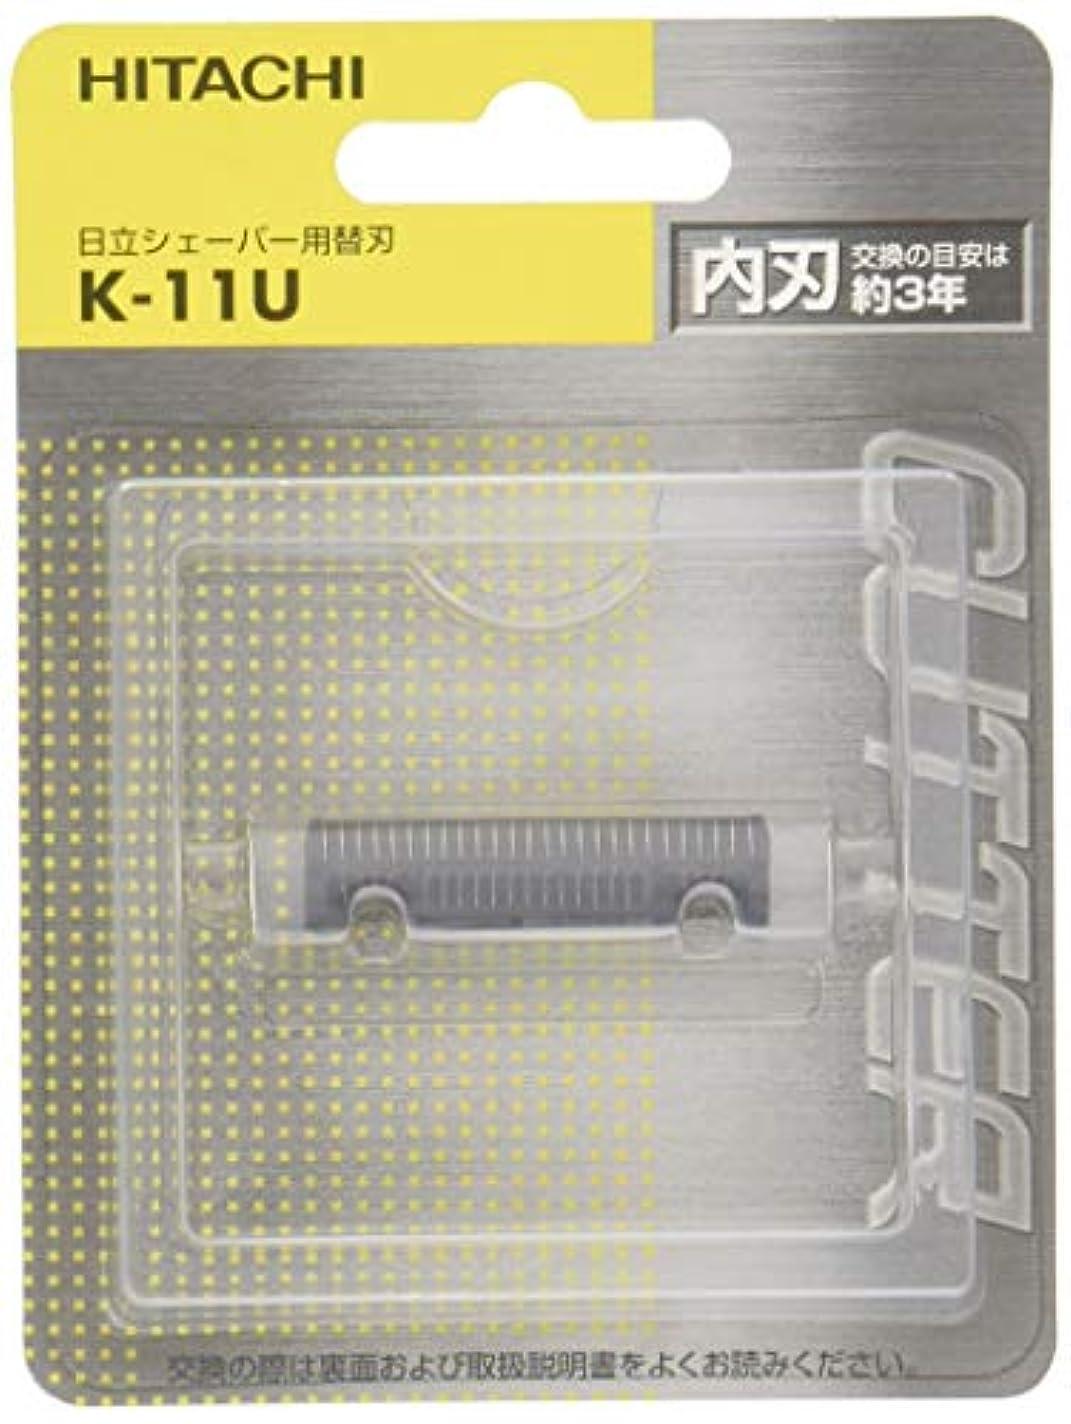 唯一専門知識移住する日立 替刃 内刃 K-11U